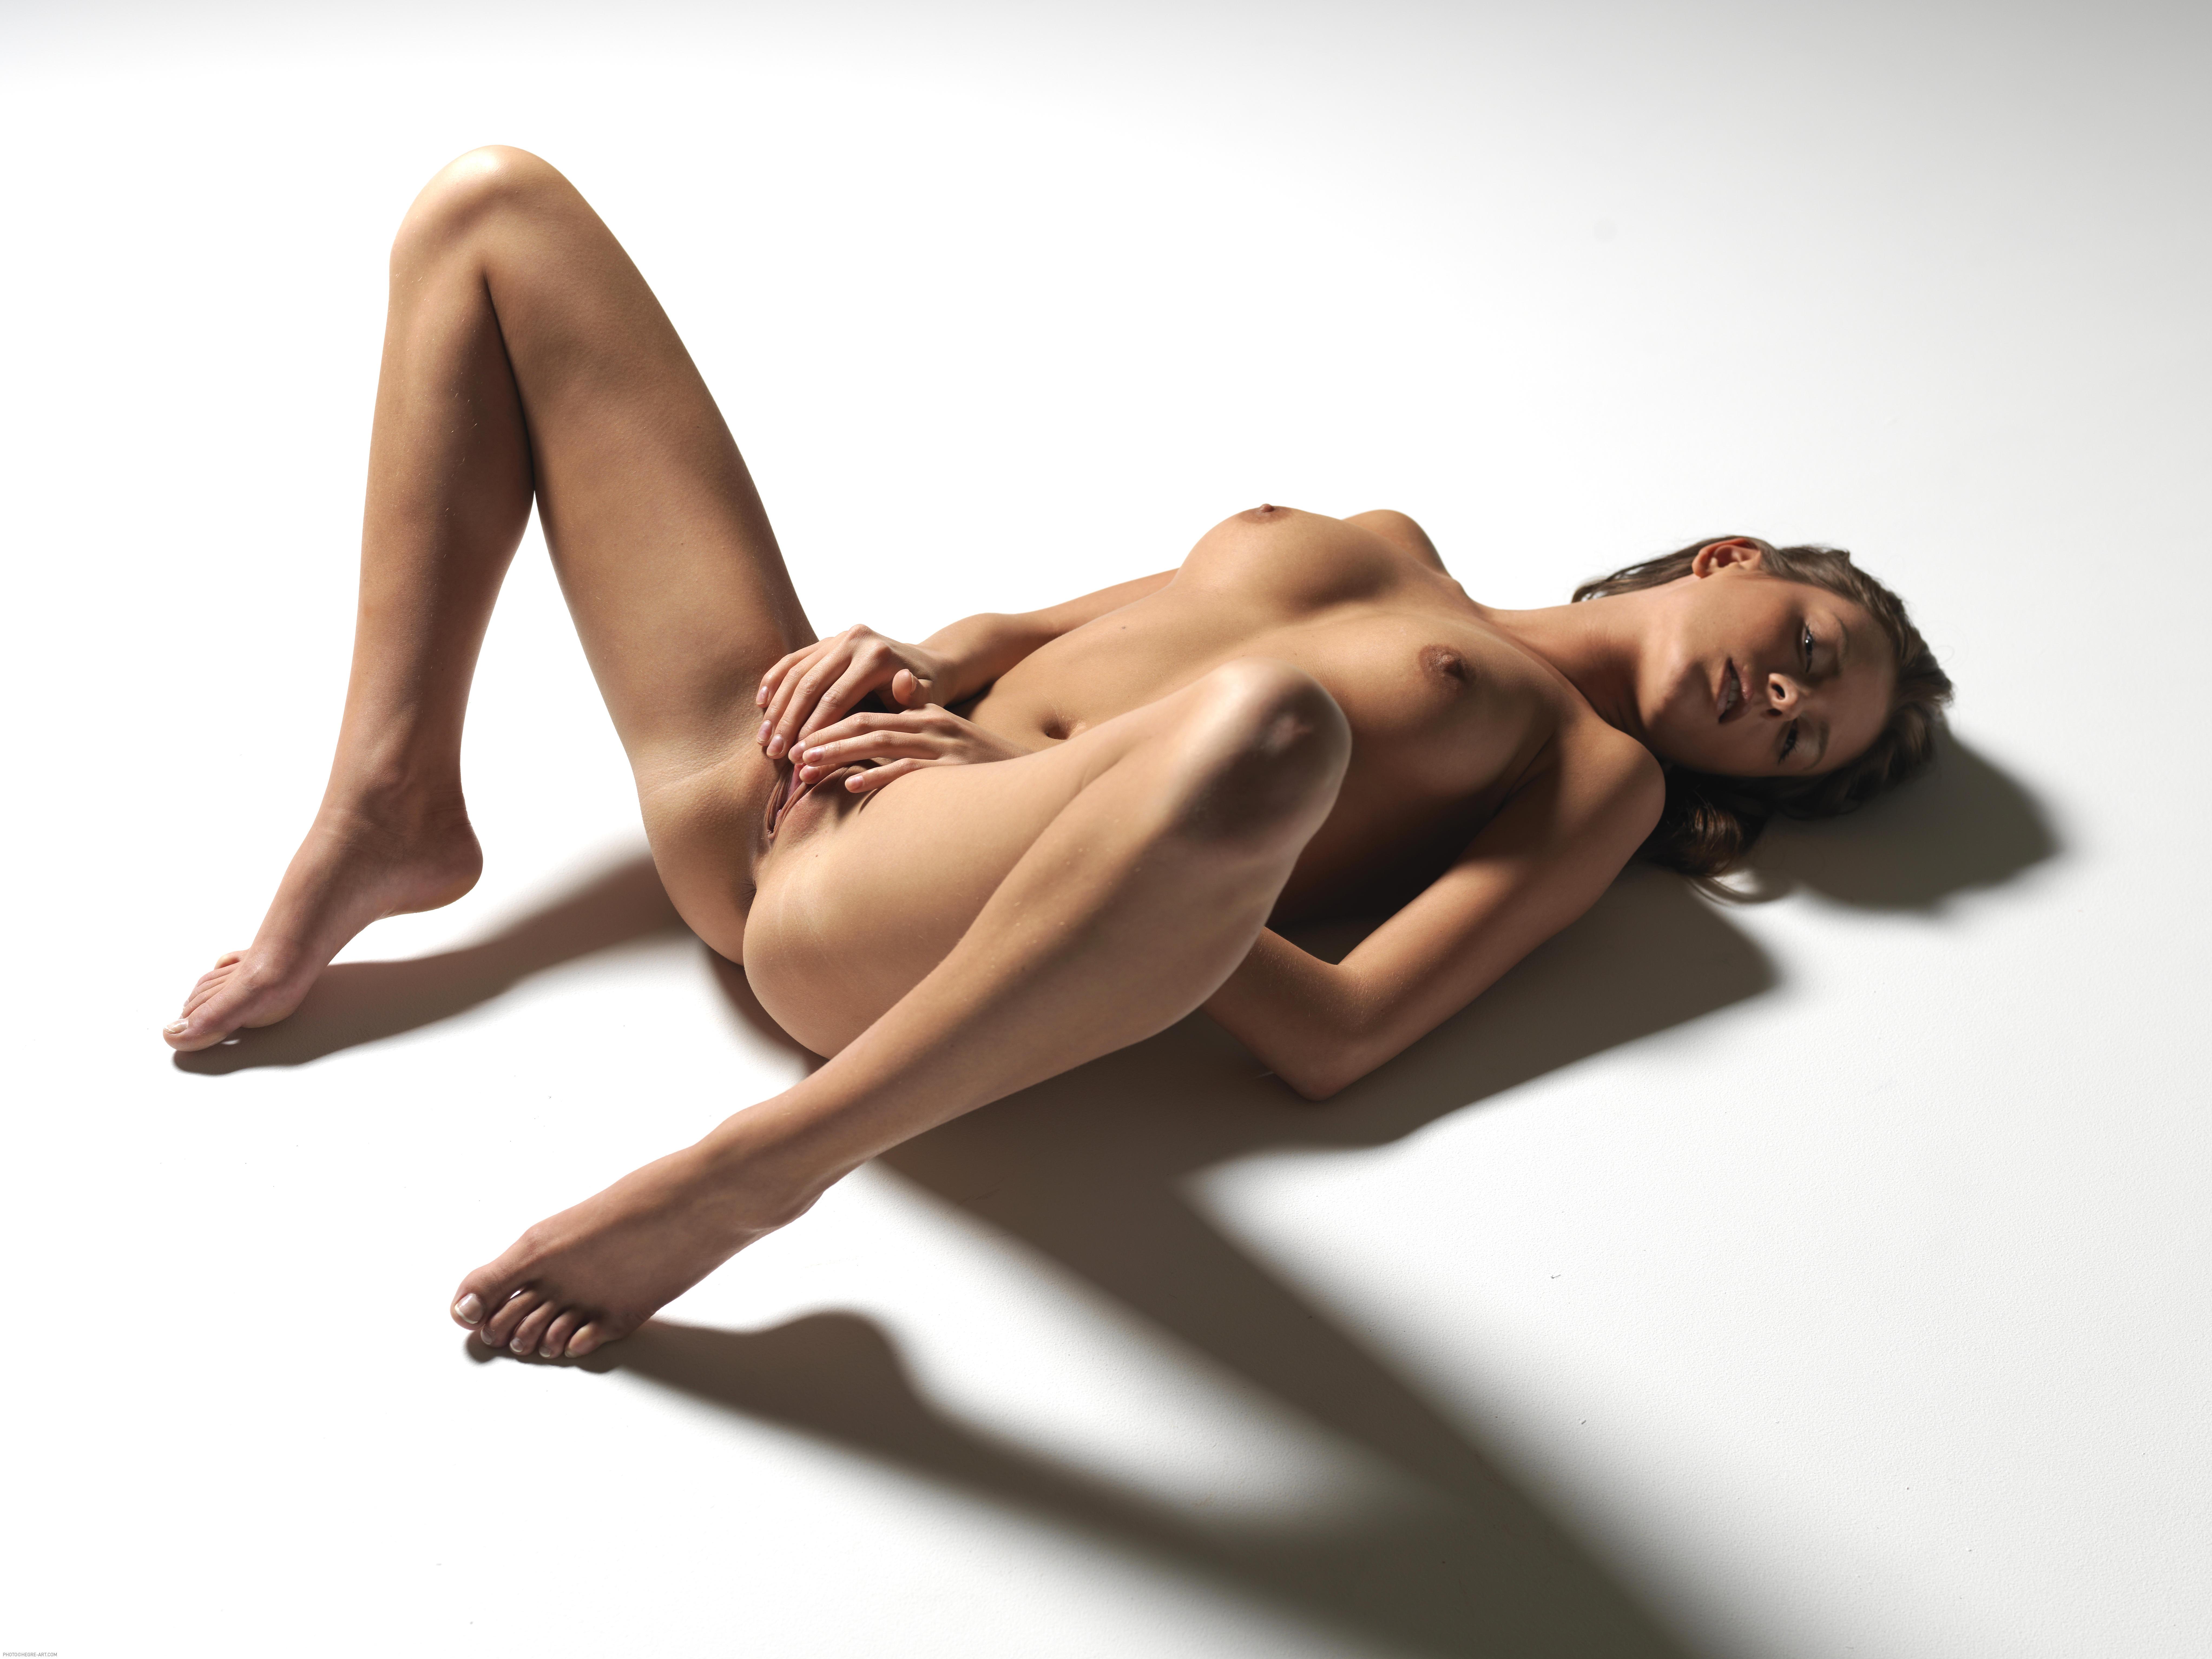 Think, Stasha nudist beach agree